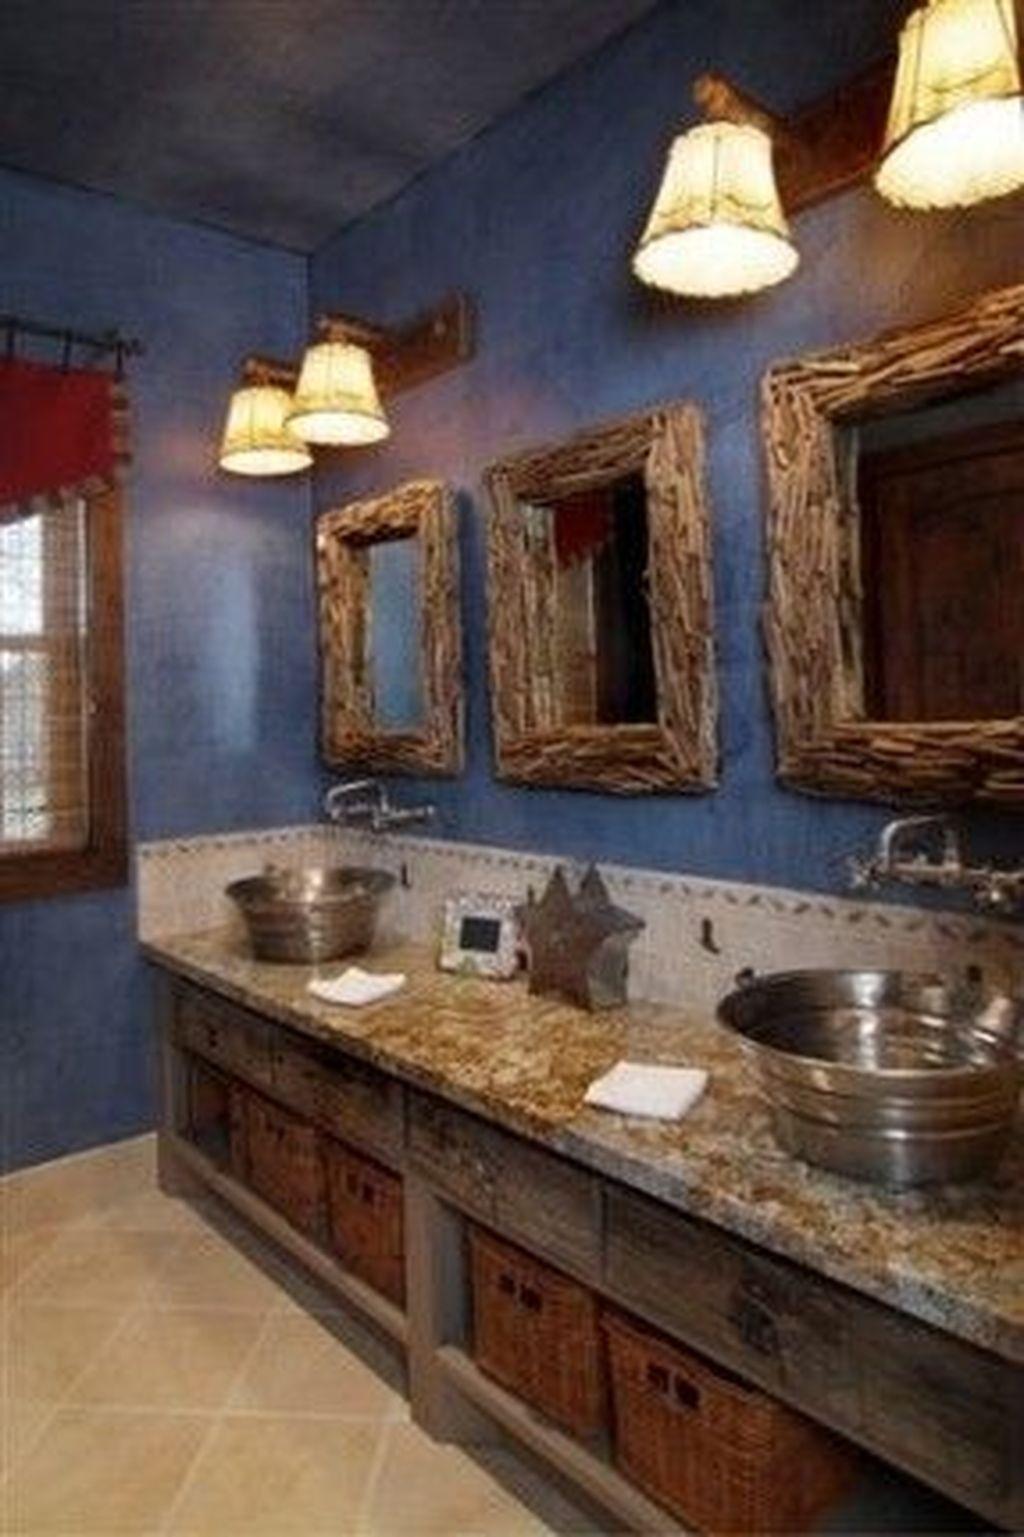 46 Gorgeous Rustic Bathroom Storage Ideas Rustic Cabin Bathroom Western Home Decor Denim Blue Walls